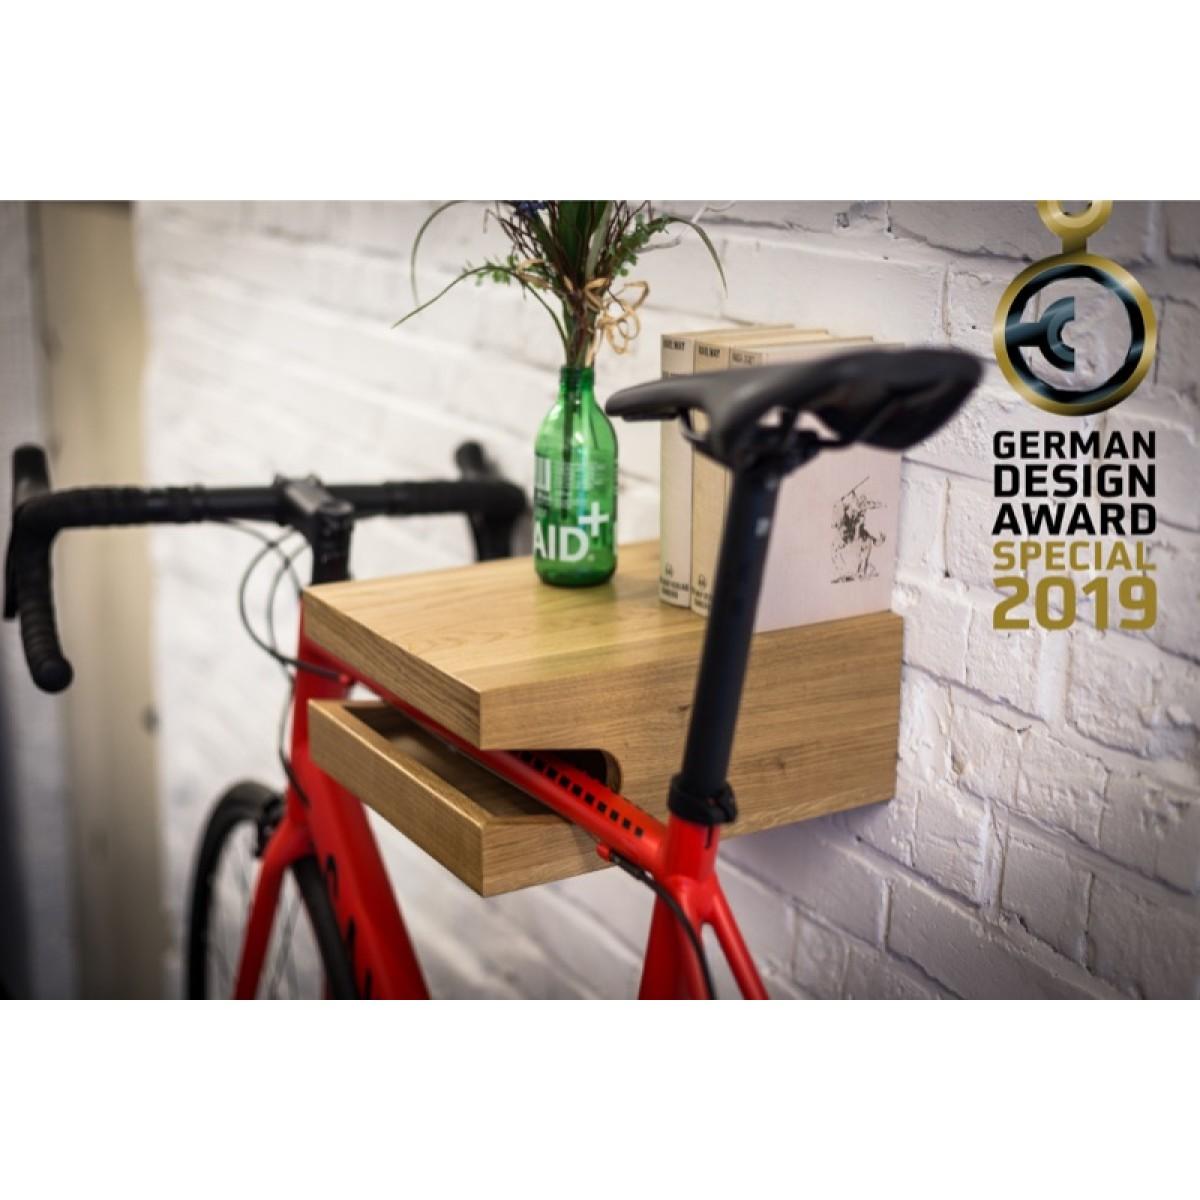 JOHANNES | Fahrrad Wandhalterung | German Design Award 2019